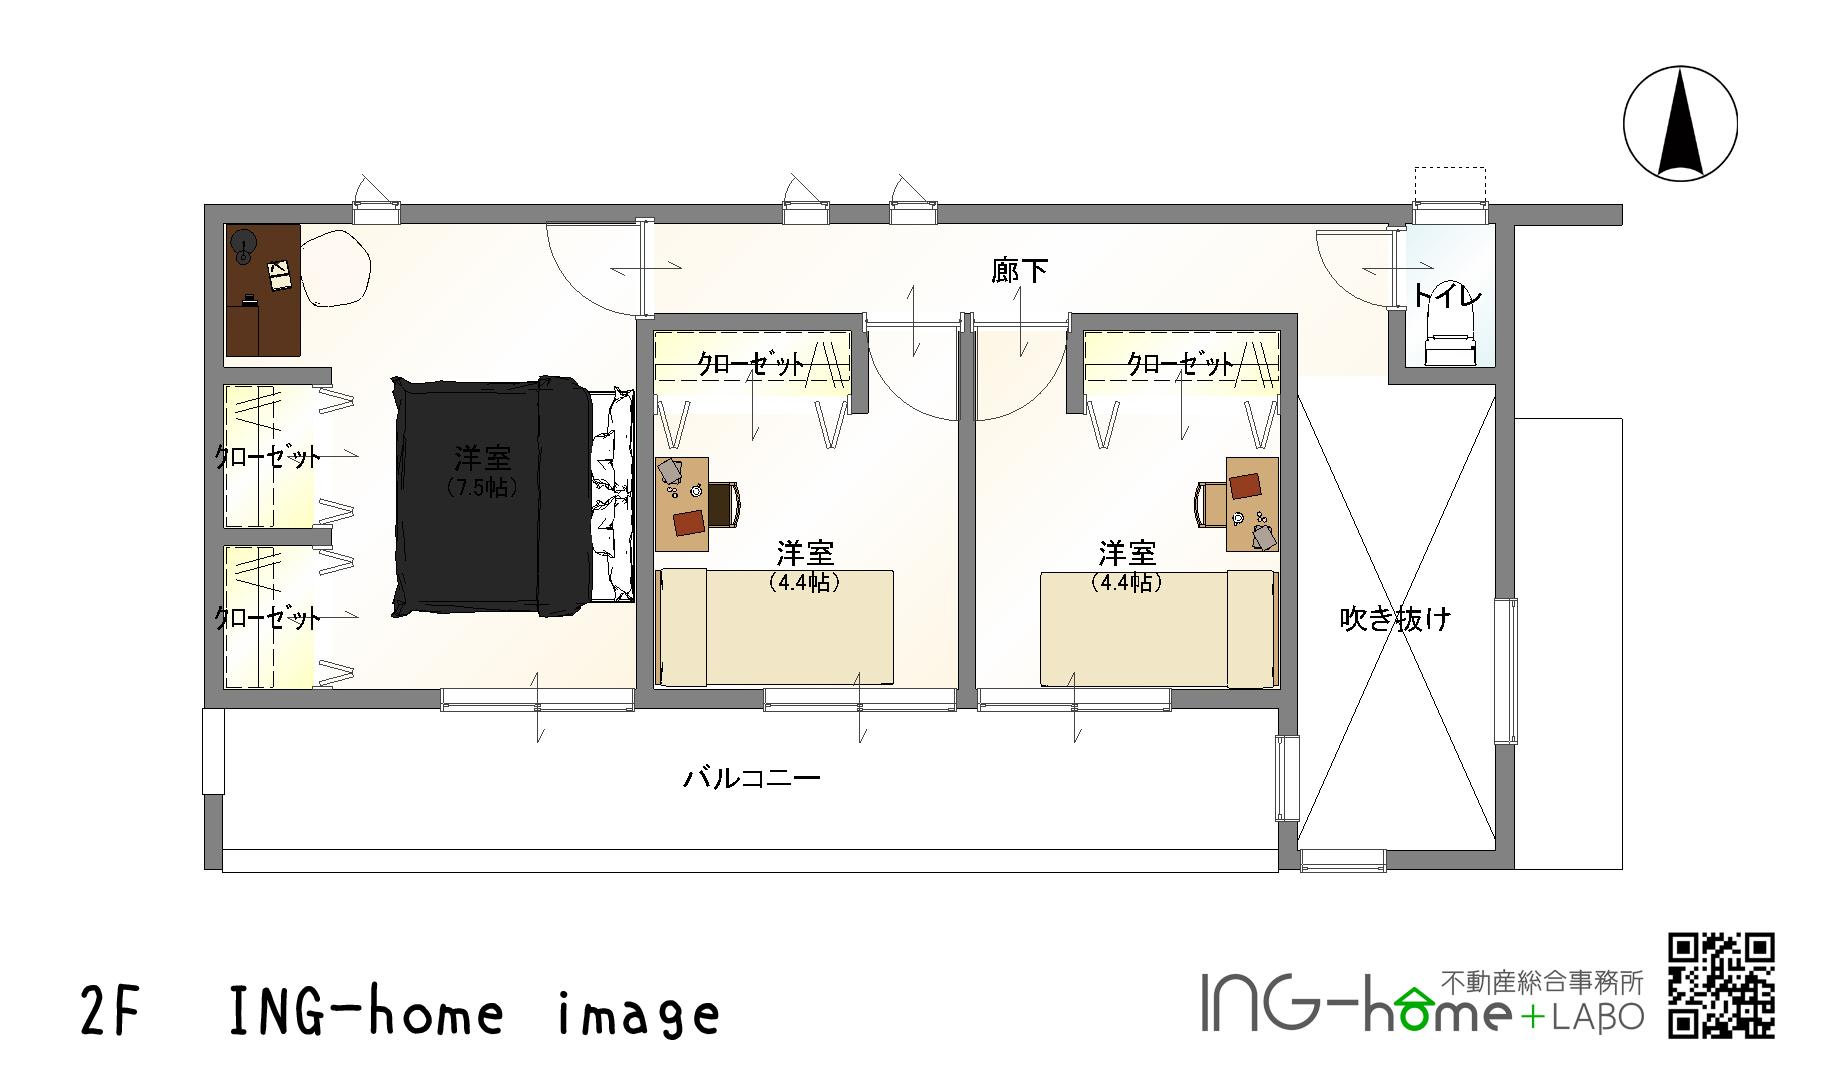 ING-home image(間取)